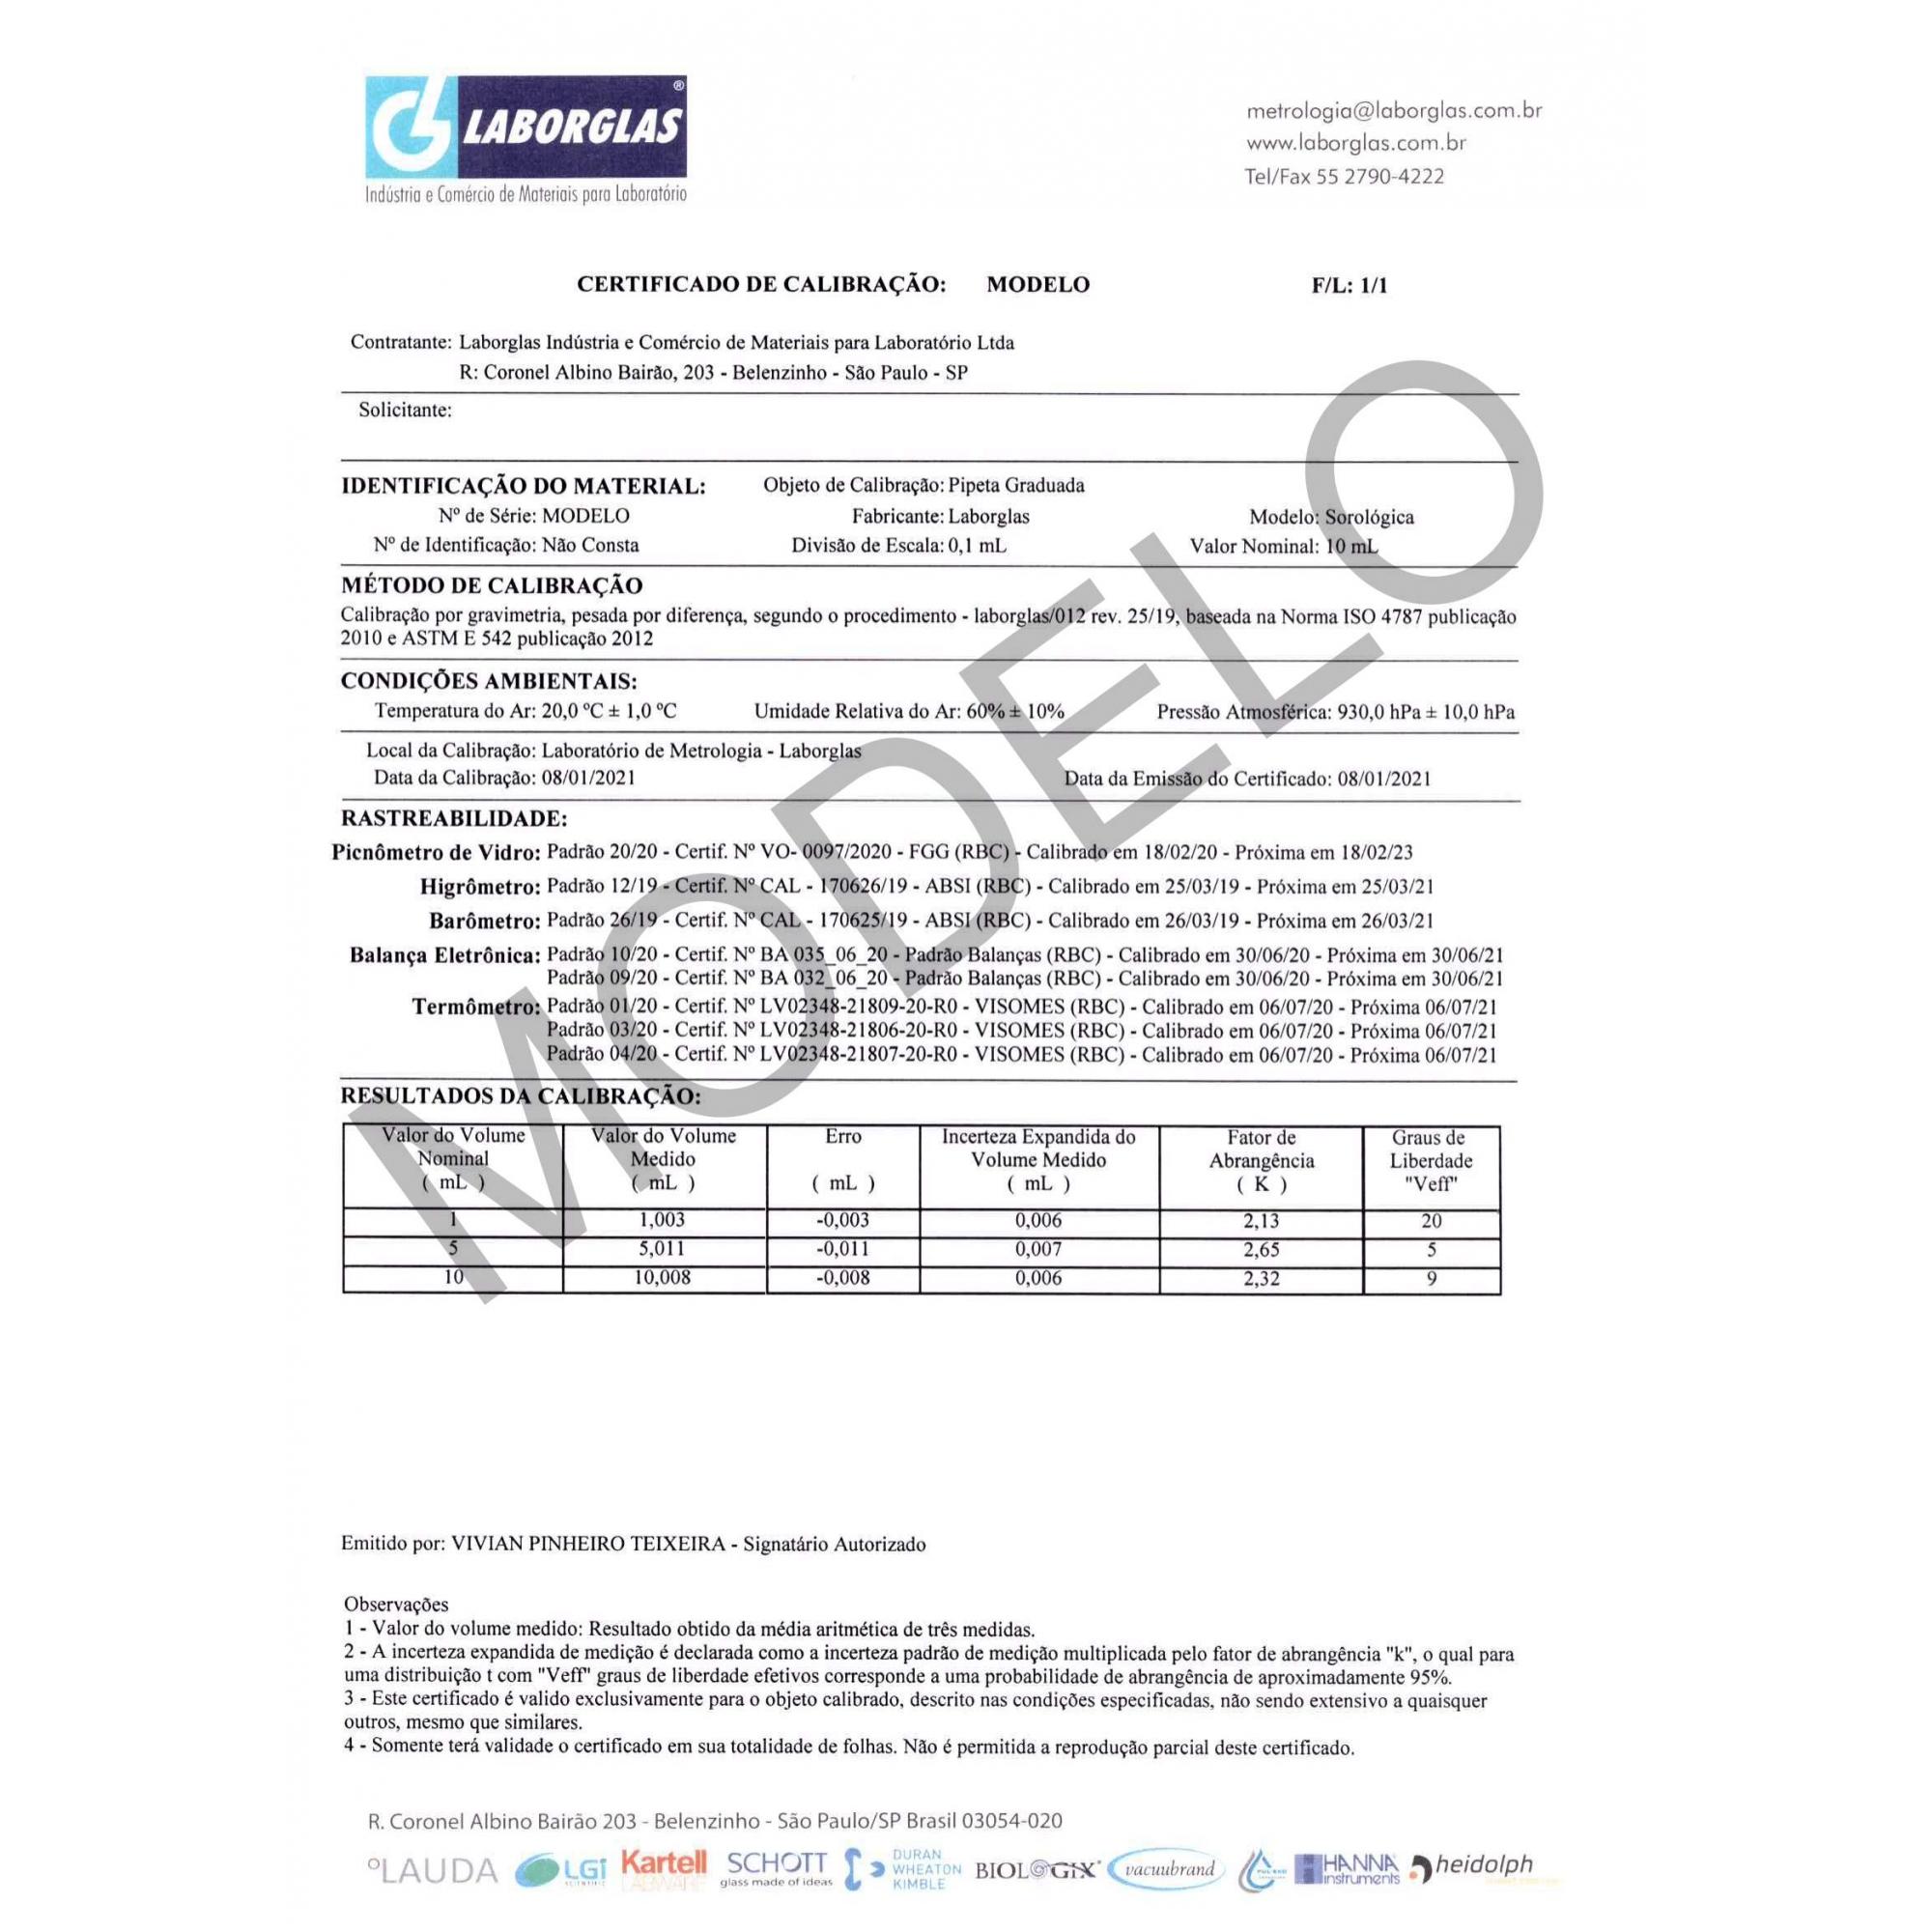 PIPETA GRADUADA SOROLÓGICA ESGOTOTAMENTO TOTAL 2 ML 1/10 CLASSE A COM CERTIFICADO RASTREÁVEL - Laborglas - Cód. 9443608-C